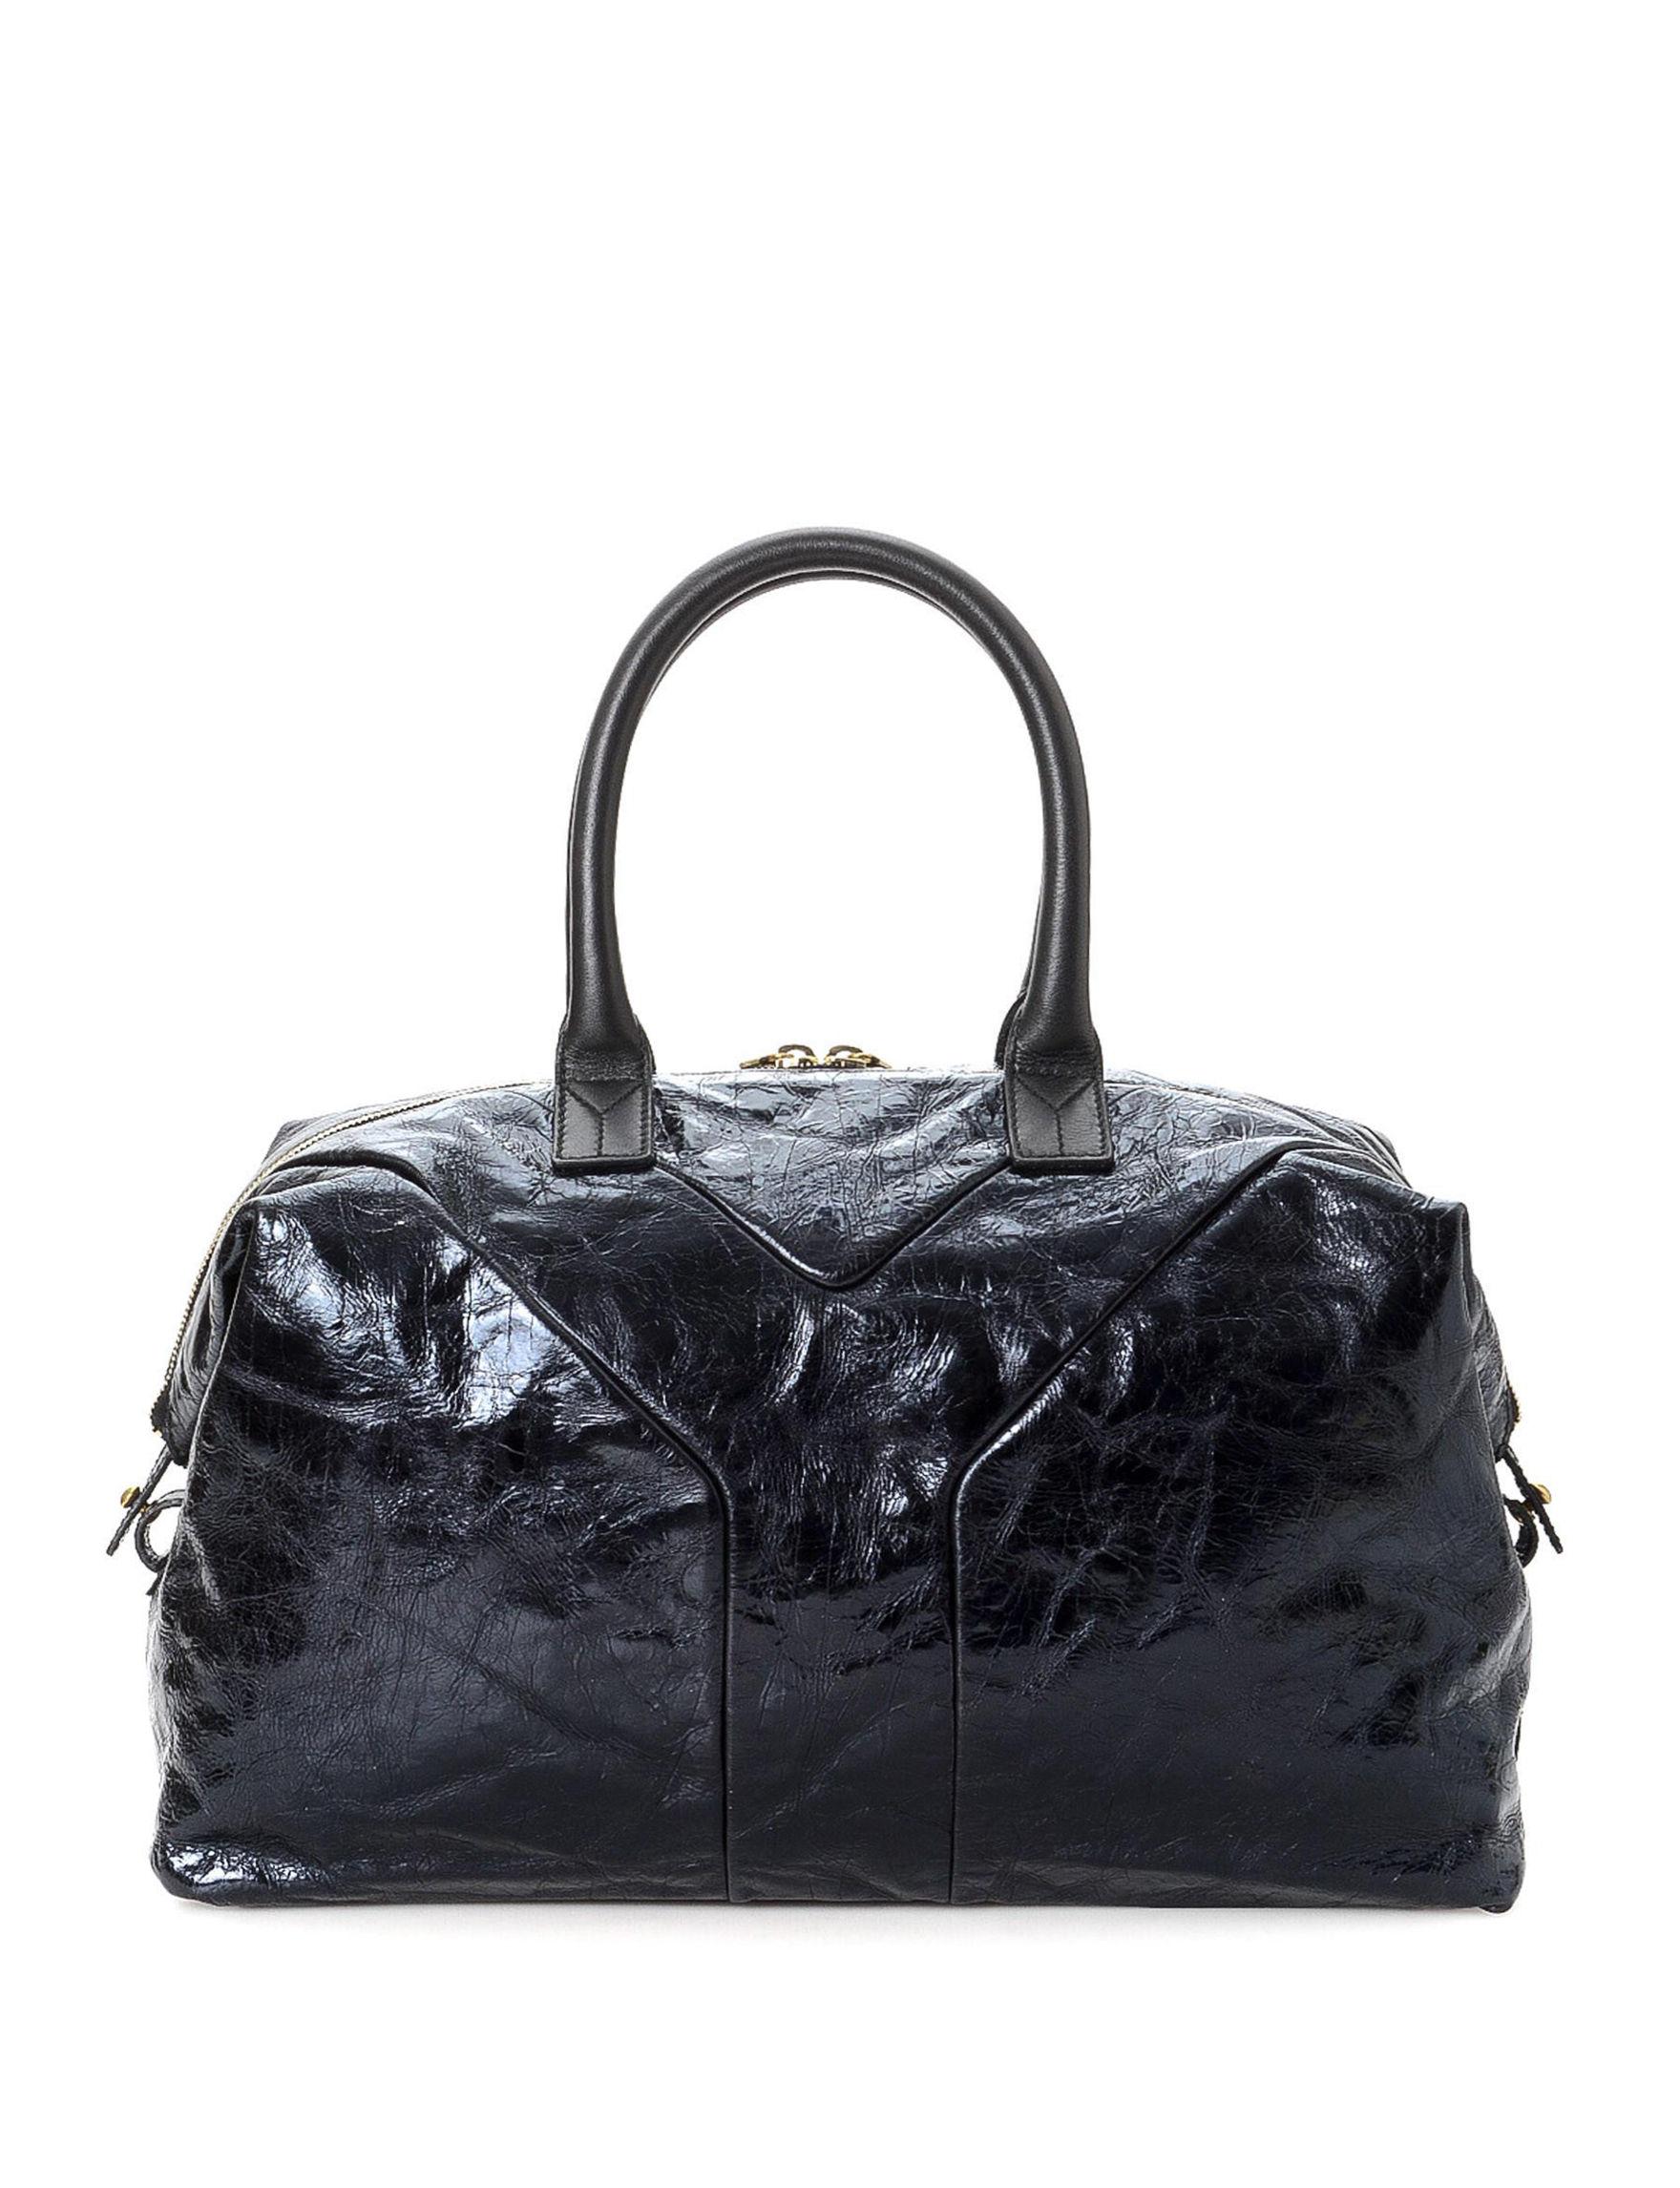 156b97d68e2 Luxury Pre-Owned Yves Saint Laurent Easy Boston Bag - FINAL SALE ...